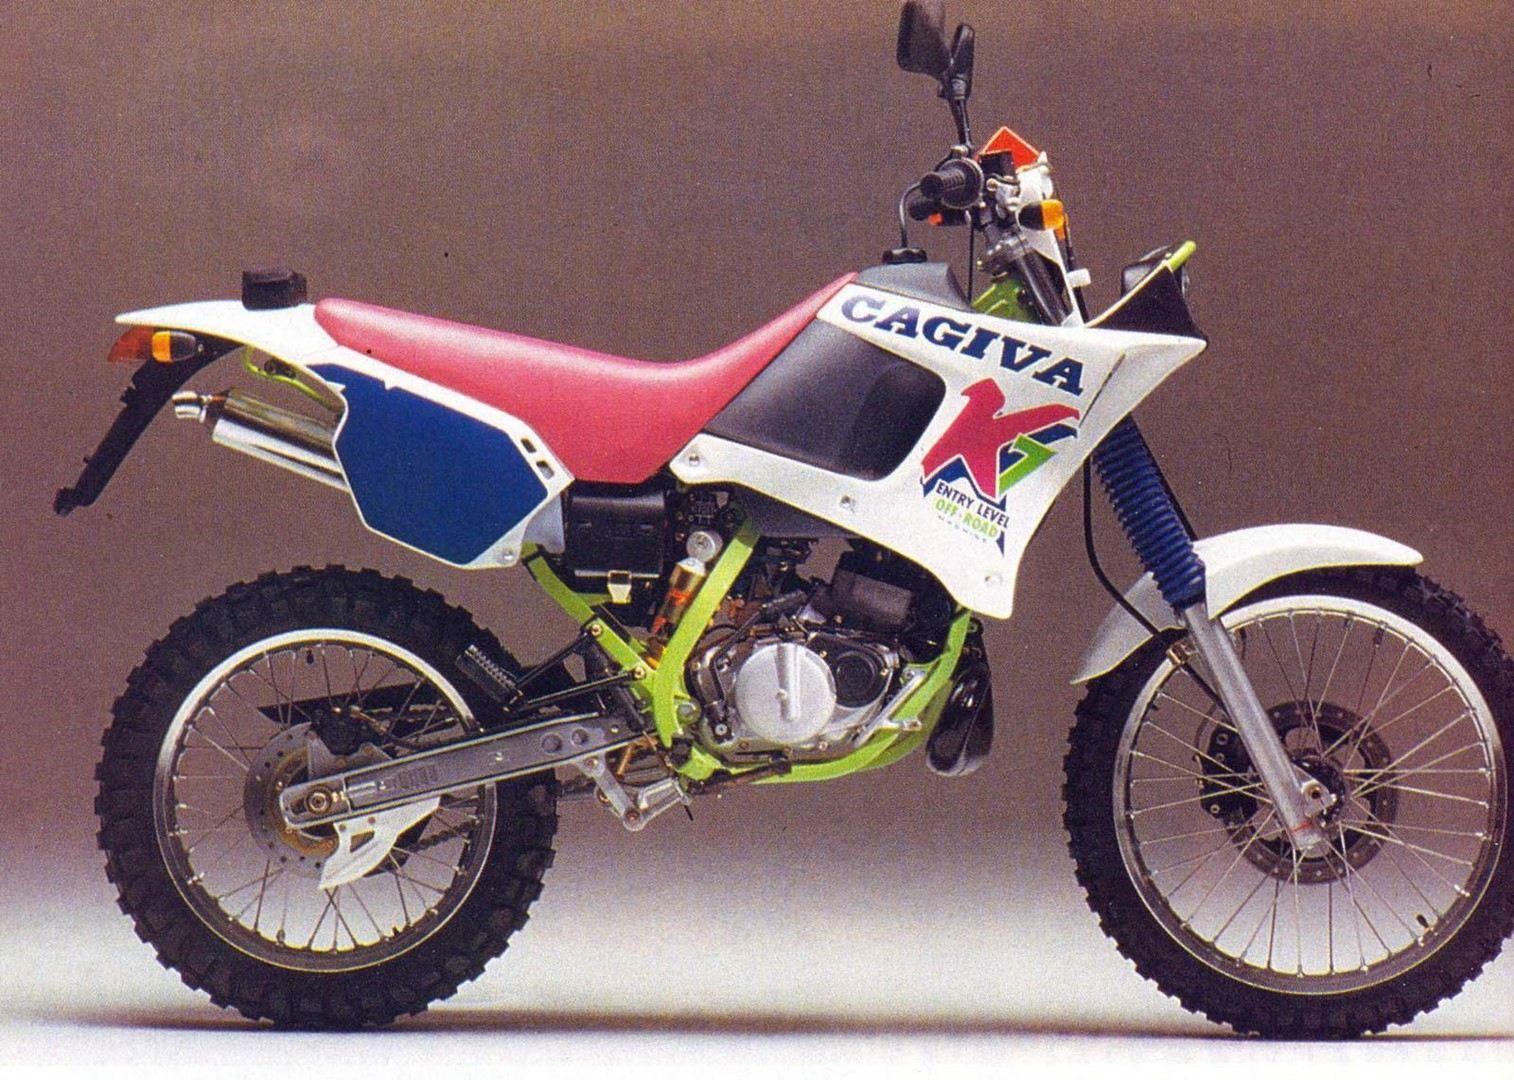 Moto del día: Cagiva K7 125